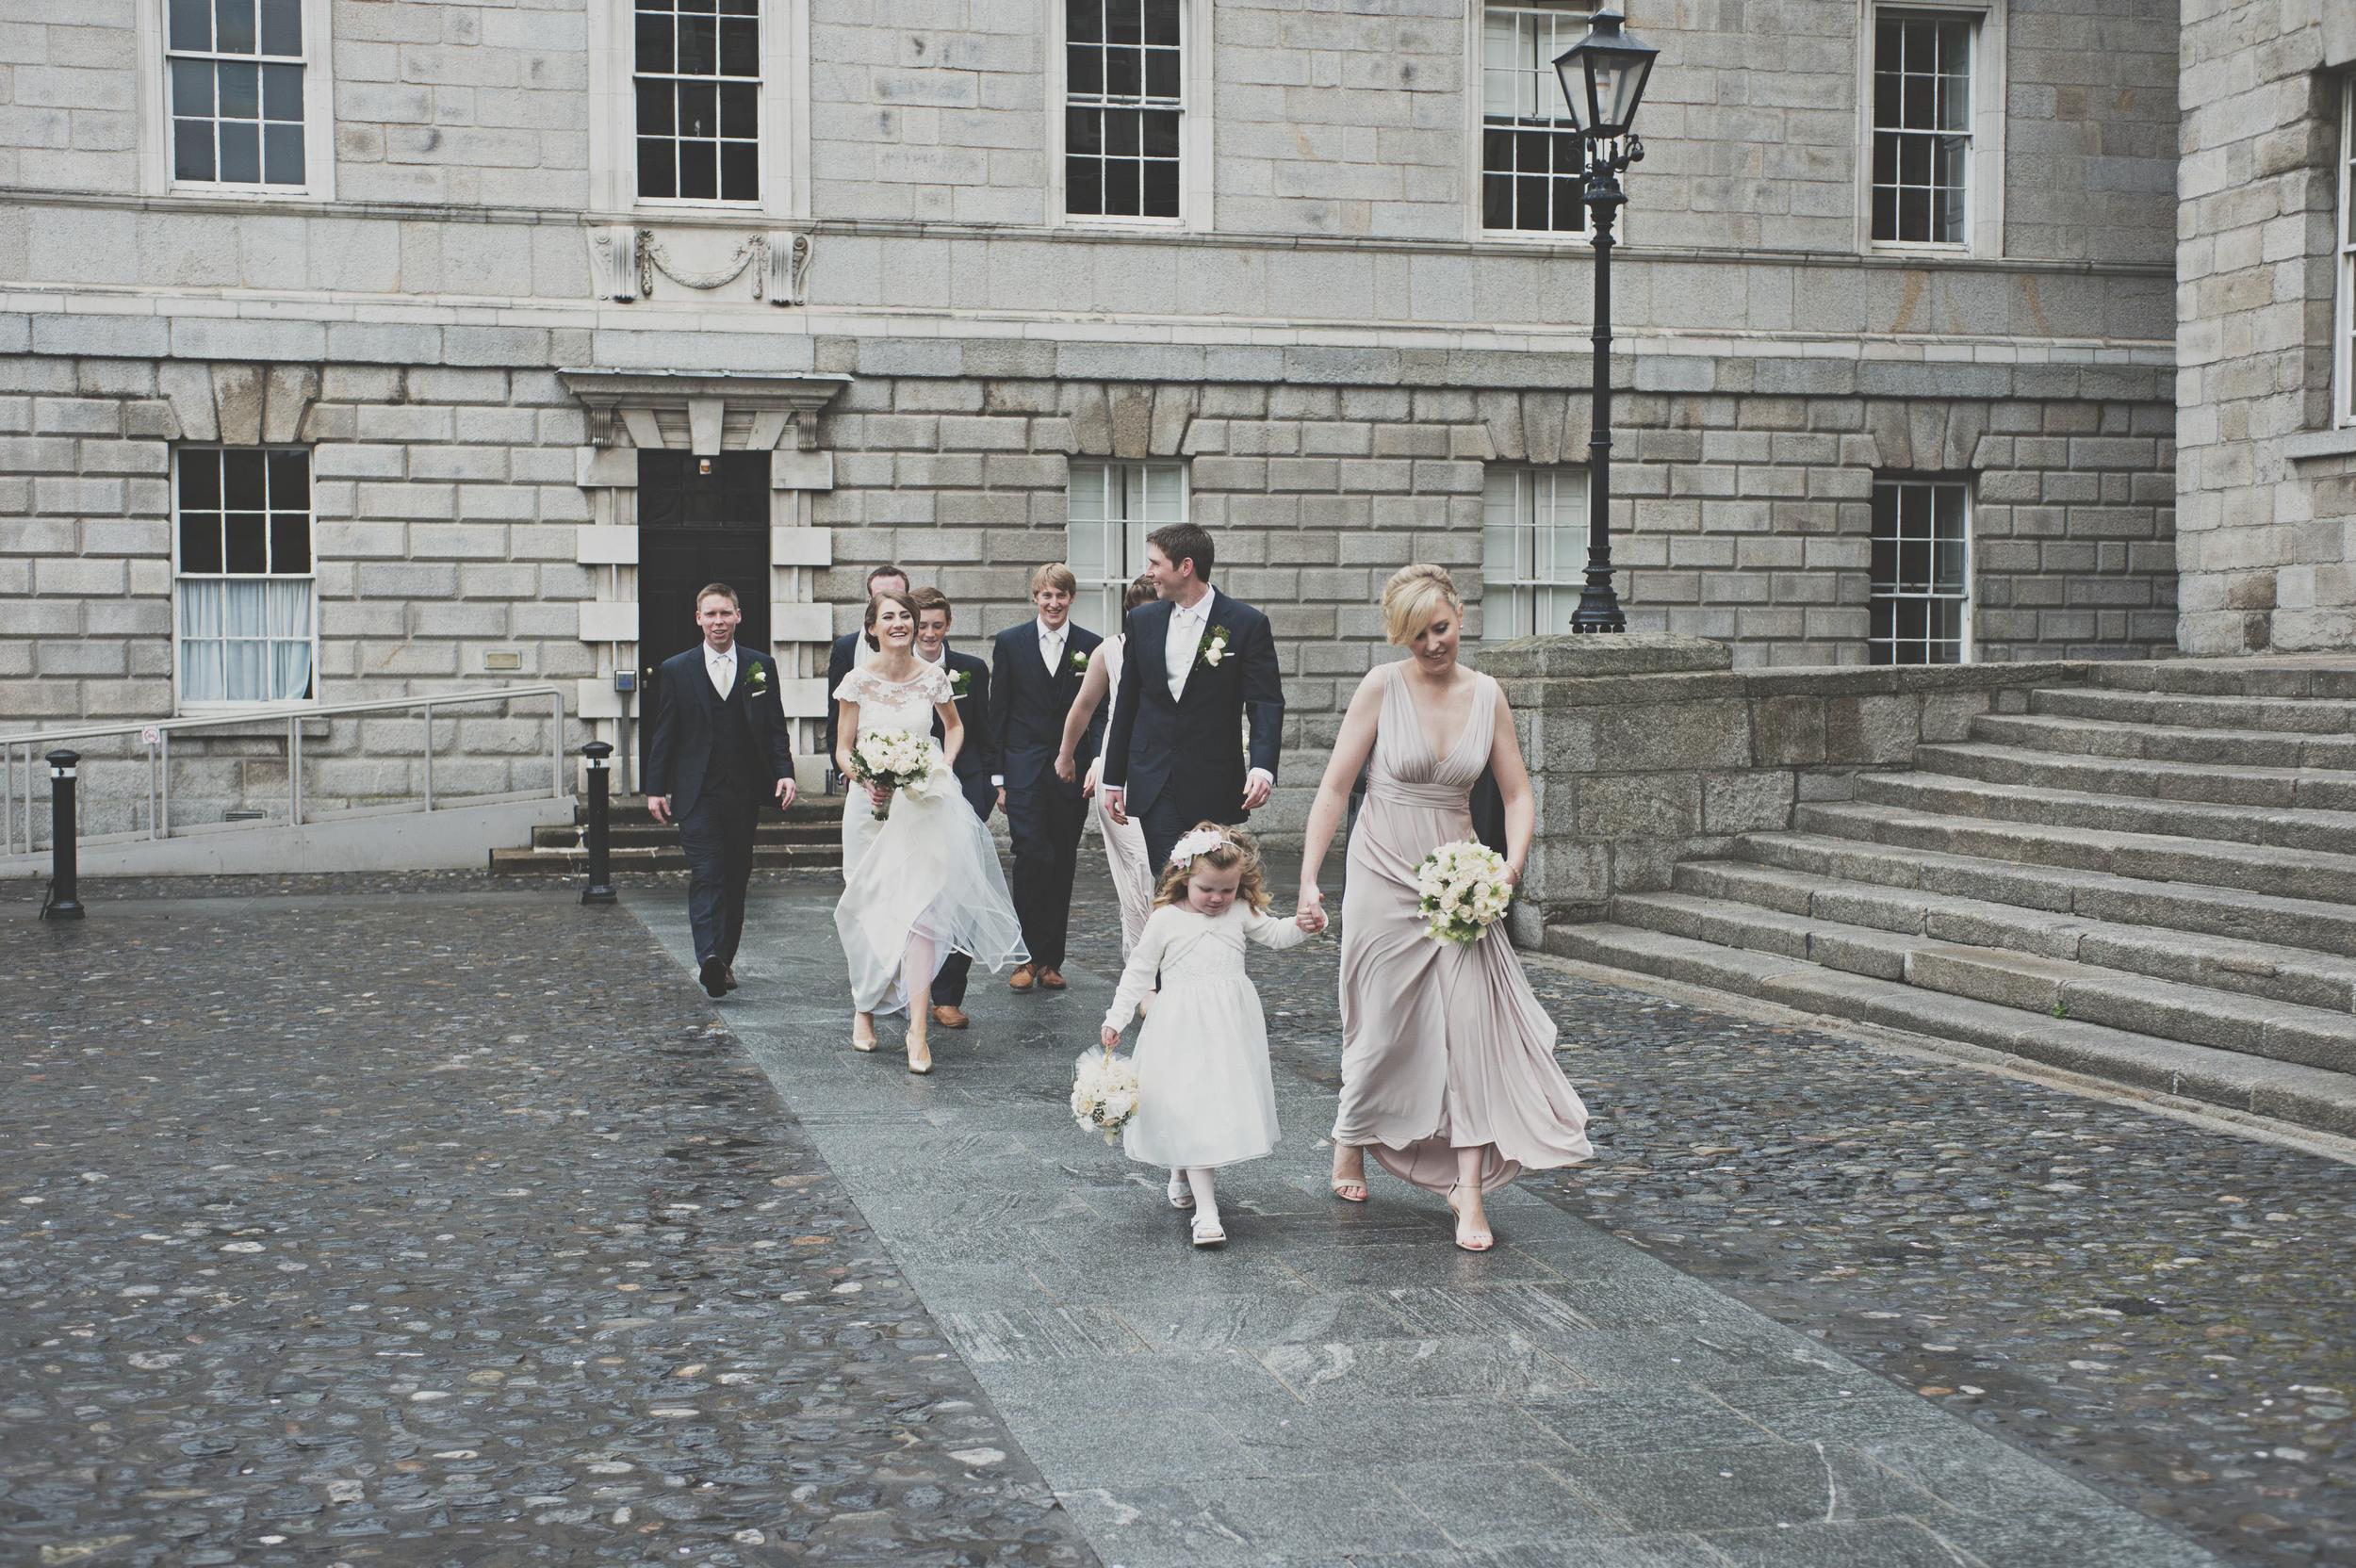 Wedding party walks through Trinity College Dublin